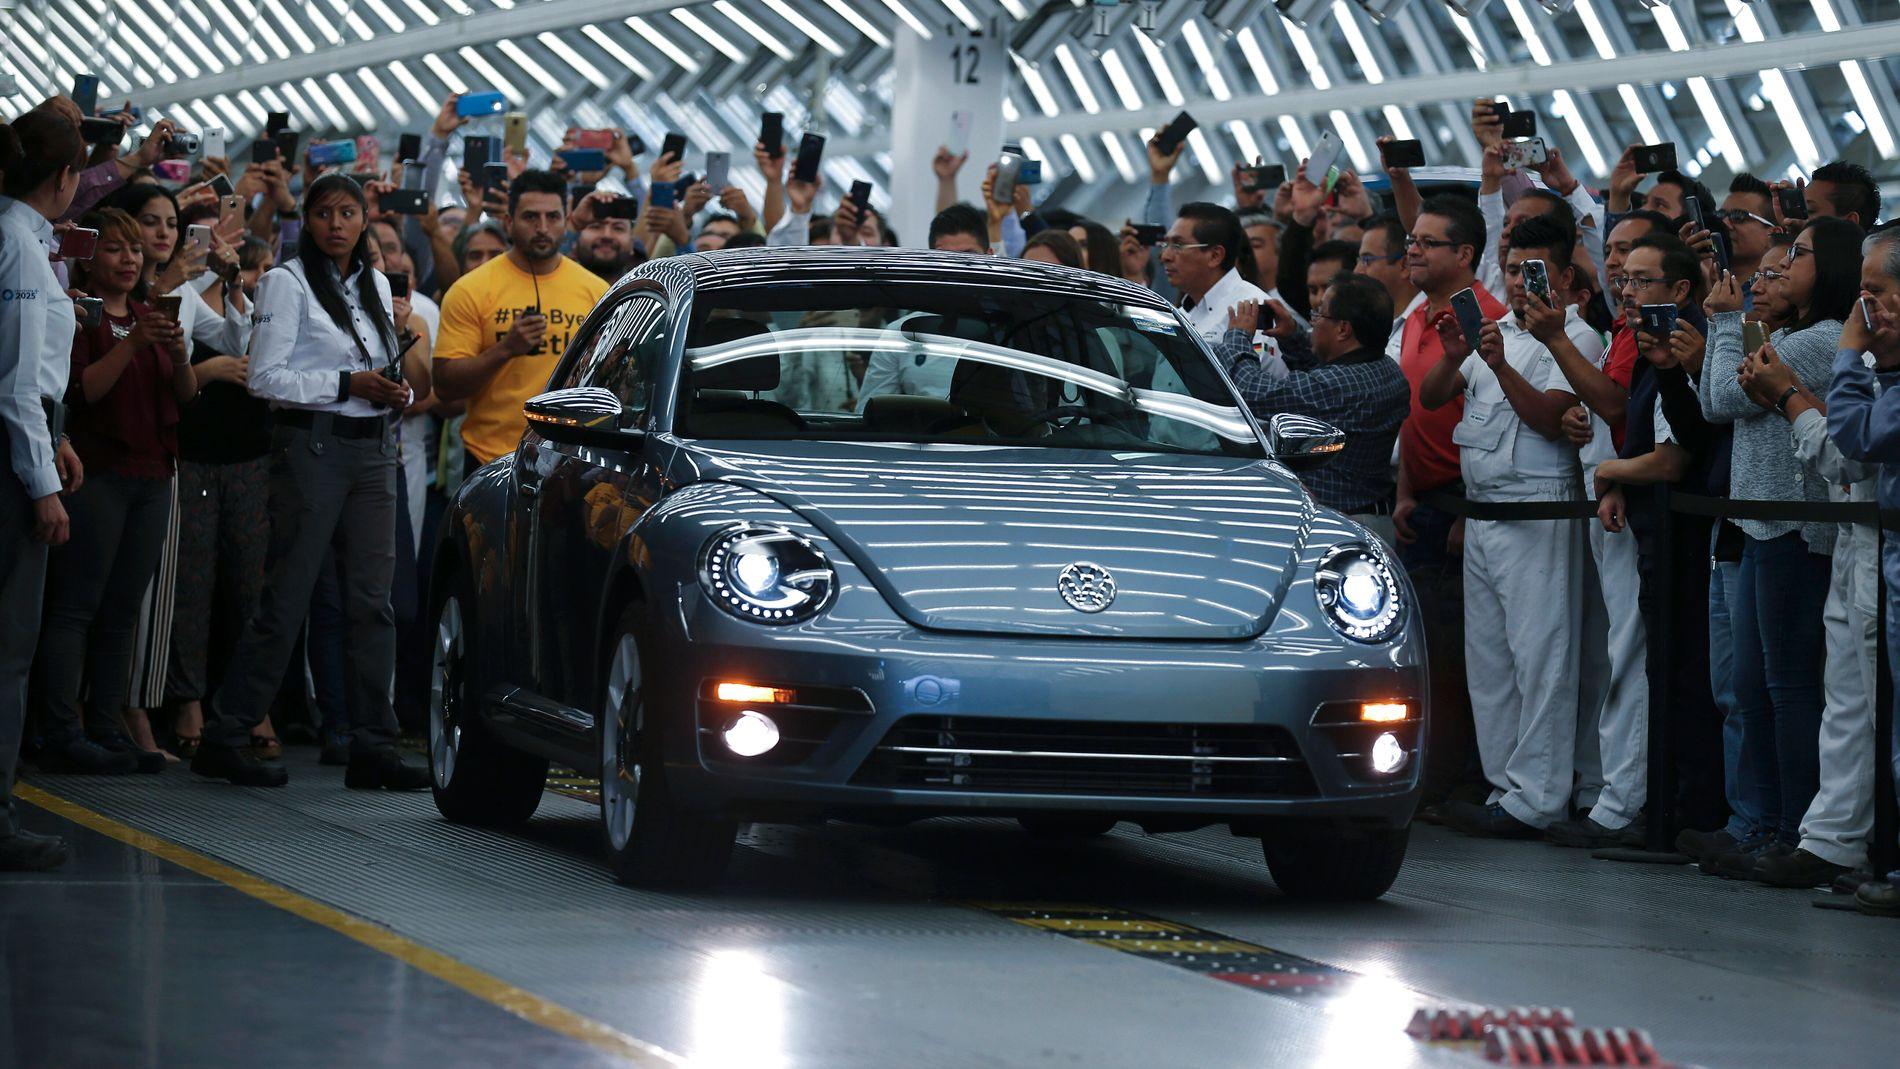 DEN SISTE! Arbeiderne ved bilfabrikken i Puebla i Mexico tar bilde når den siste produserte Beetle-bilen ruller for første gang